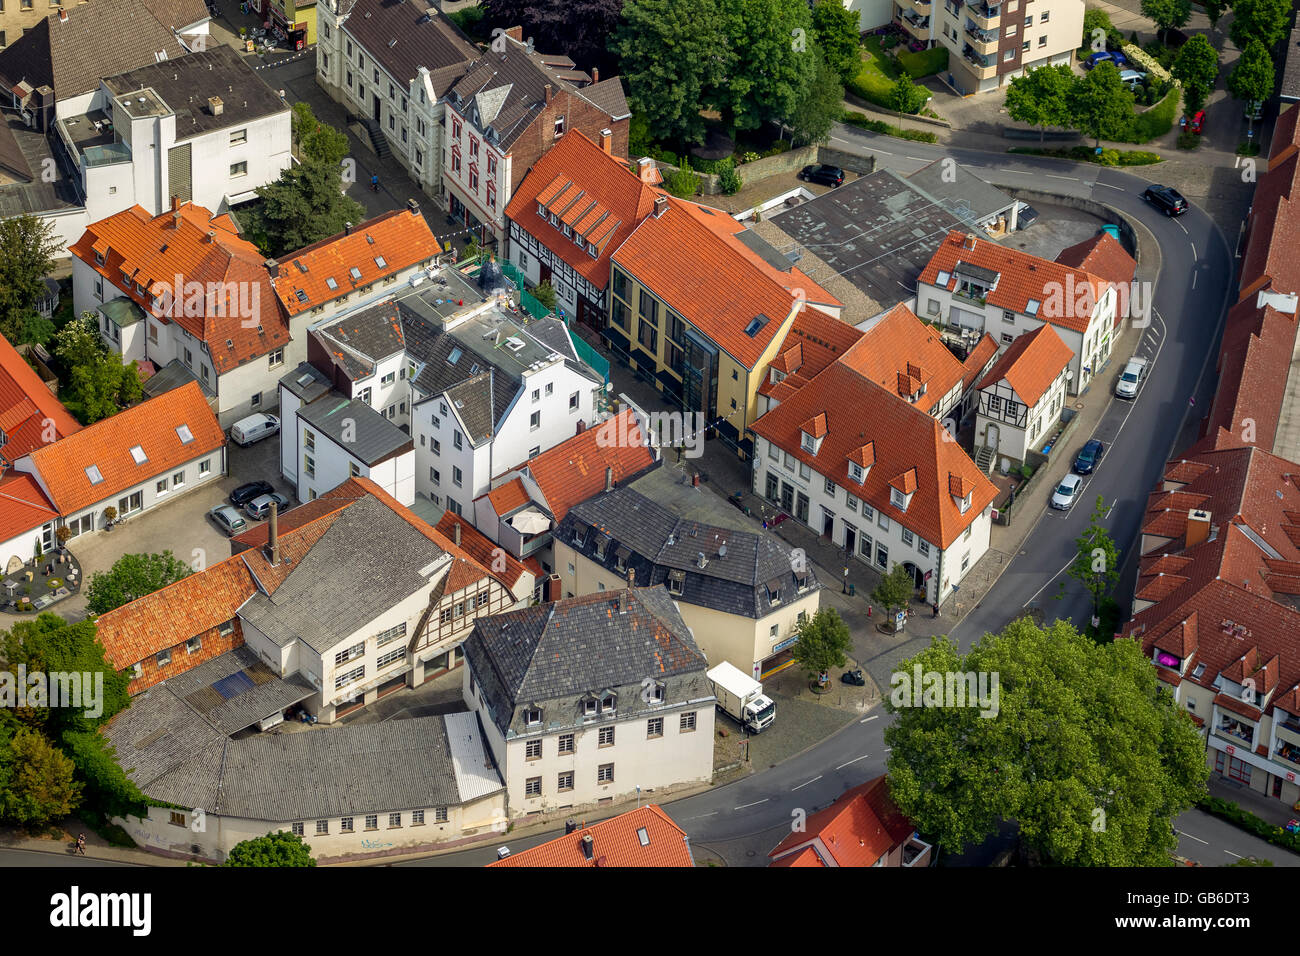 Vista aerea, ex royal coaching prussiano Haus Fredrich-Neuschäfer, Kamper Street Steinengraben, Werl, Werl Immagini Stock